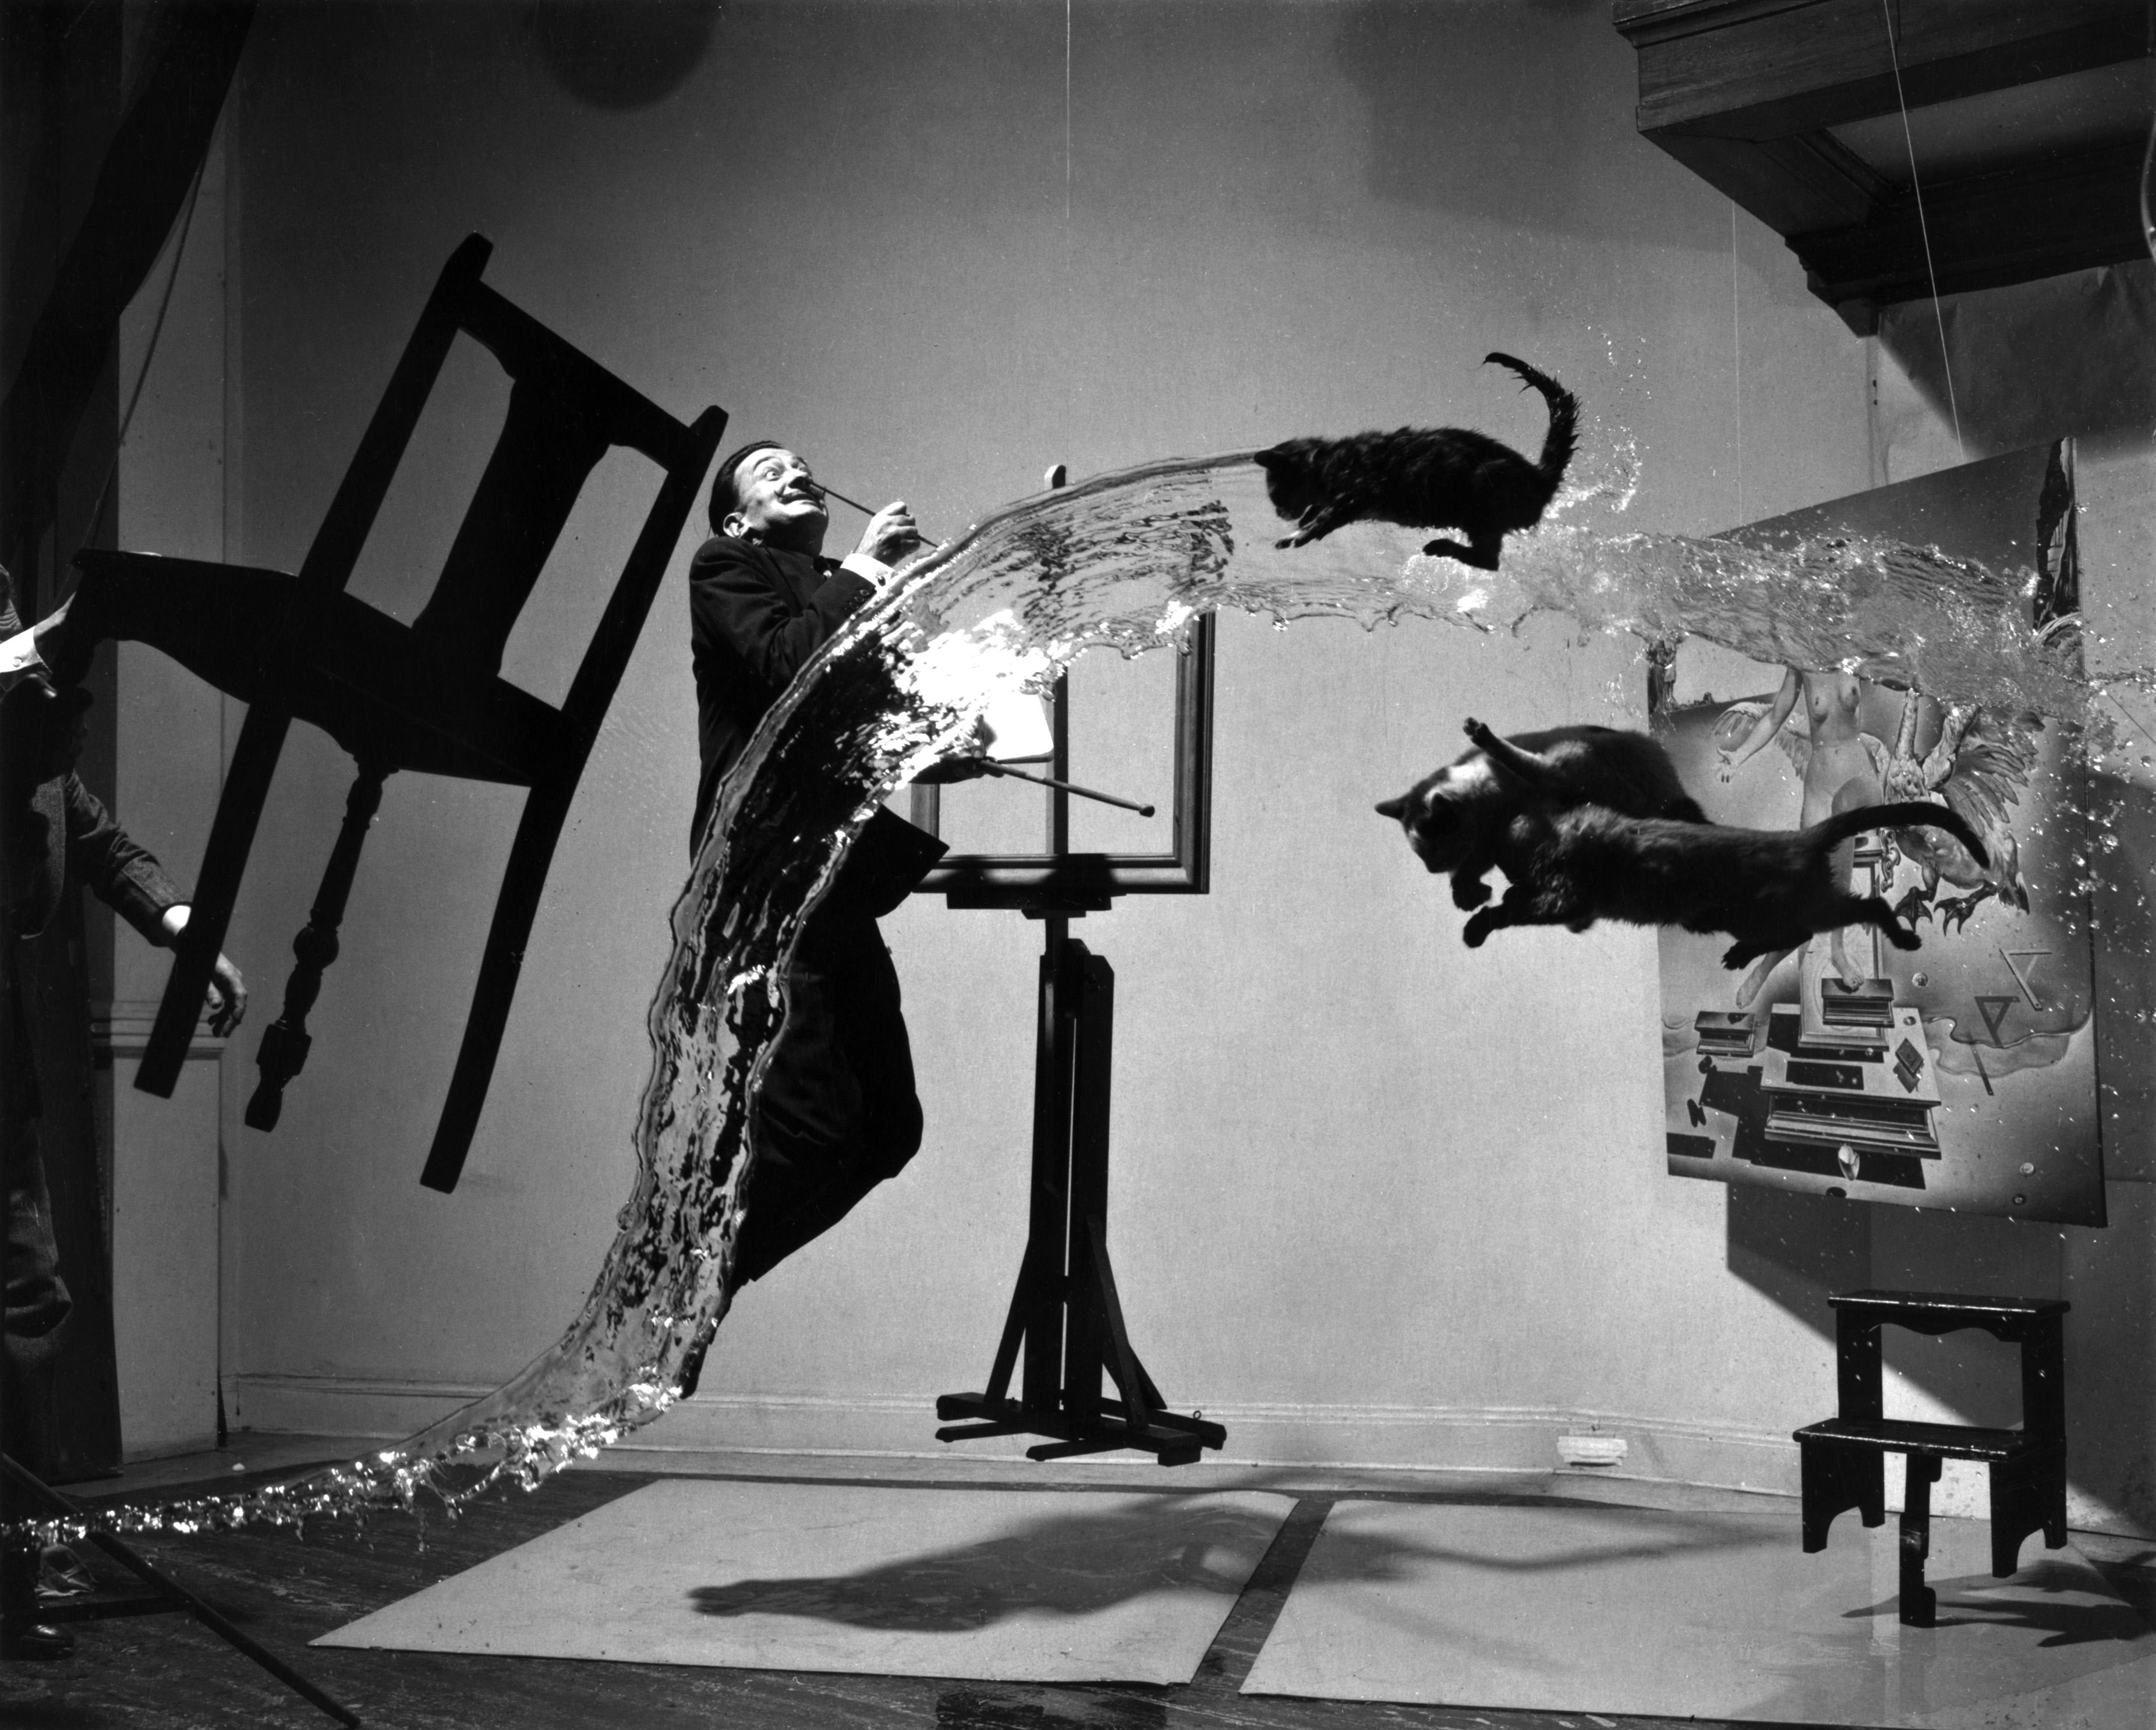 de gedenkwaardige foto van de springende Dali getiteld Dali Atomicus